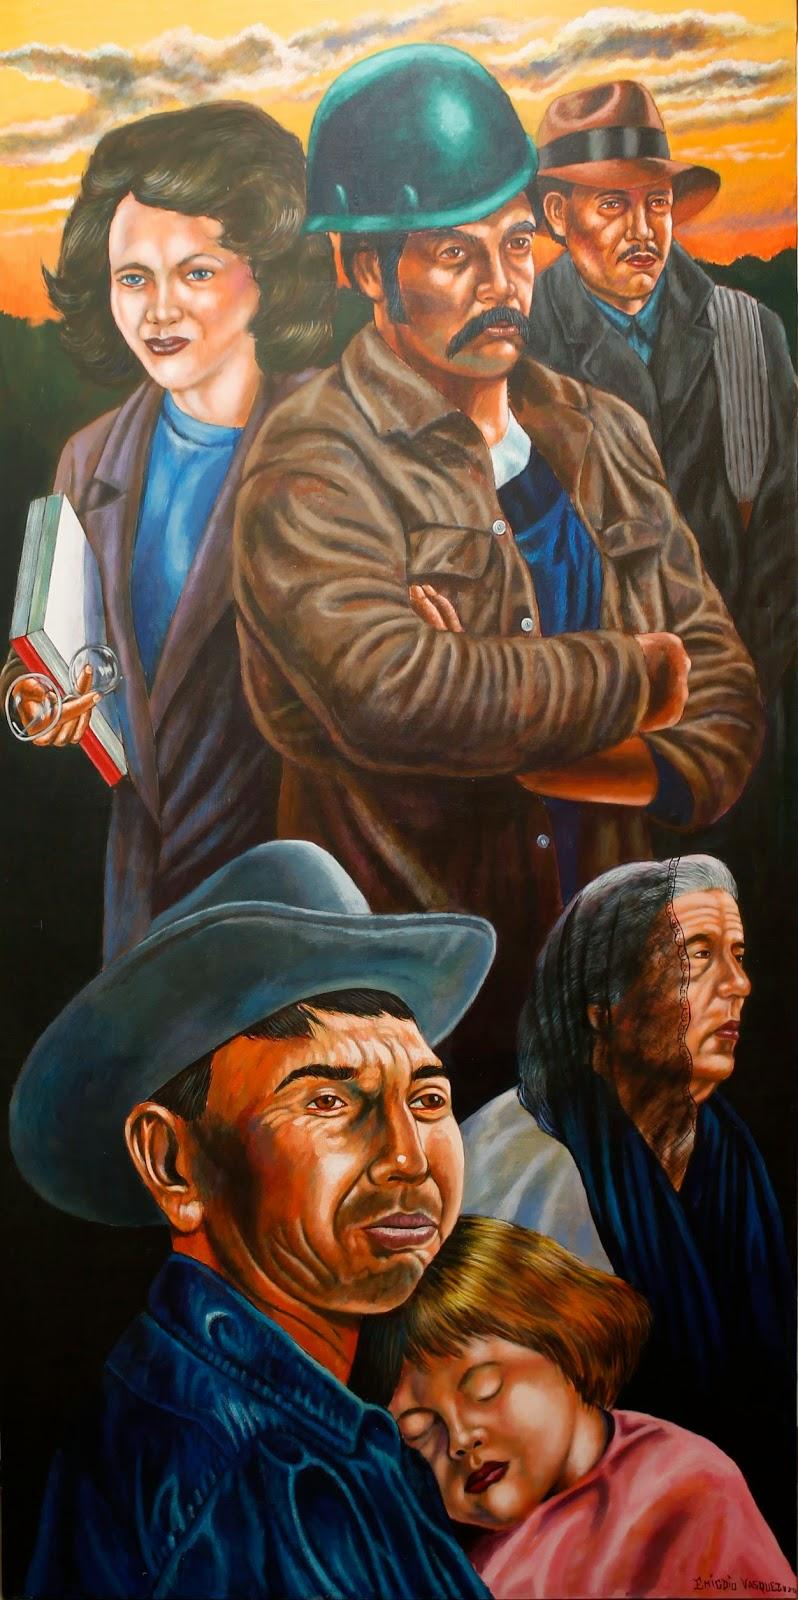 The Artwork of Emigdio Vasquez at Bowers Museum